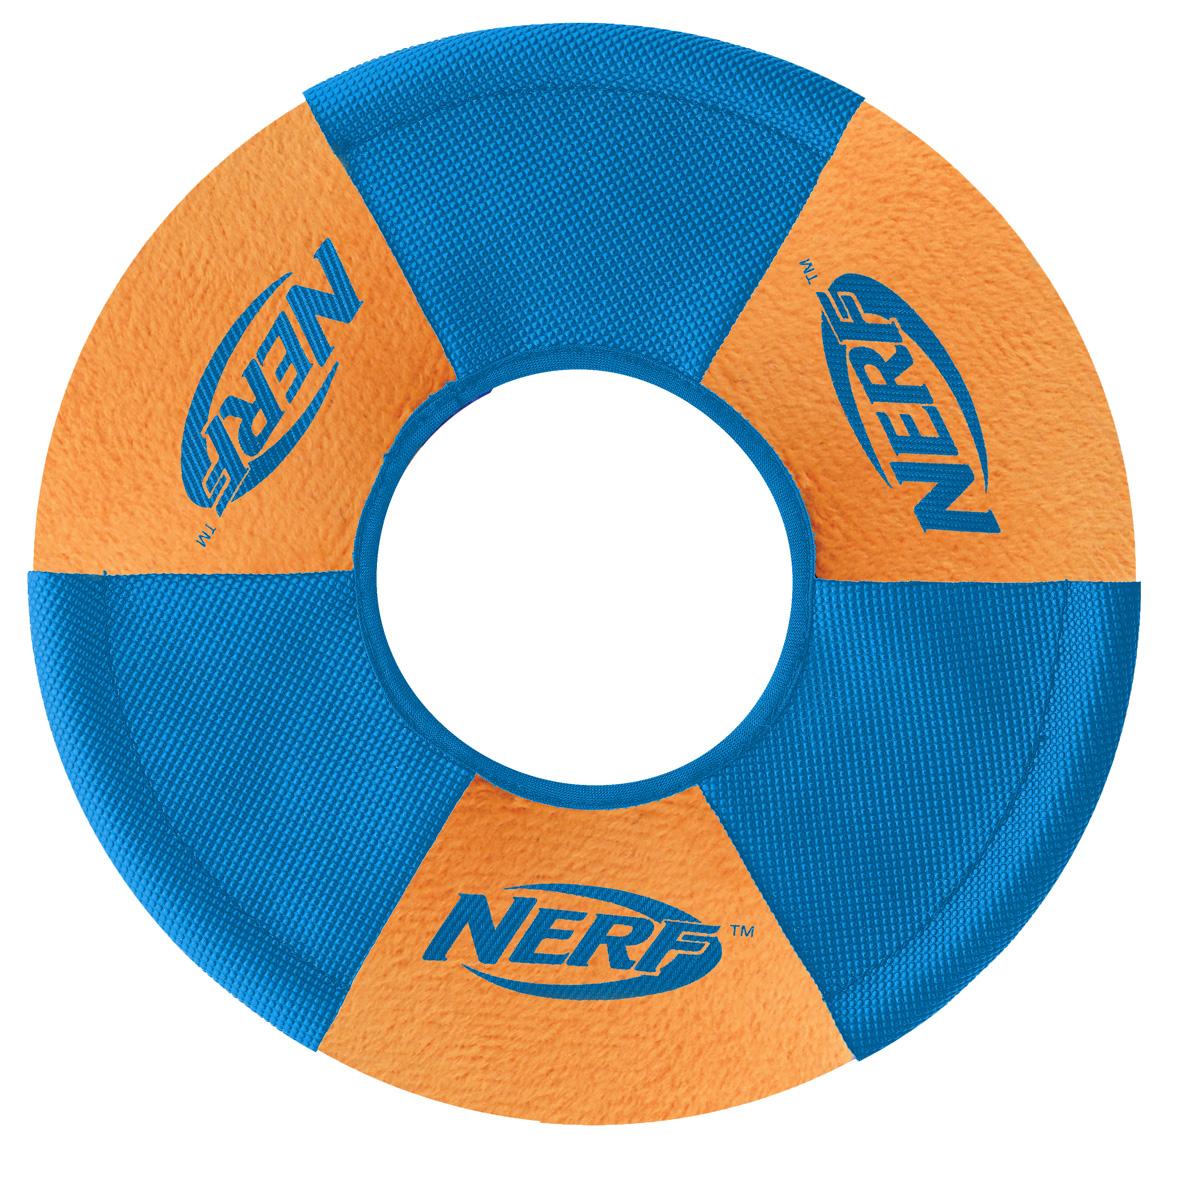 Игрушка для собак Nerf Диск для фрисби, плюшевый, цвет: синий, оранжевый, 22,5 см0120710Летающая тарелка-фрисби Nerf – это удивительный спортивный снаряд, с которым не придется скучать.Кроме великолепных лётных качеств, диск безопасен для собачьих зубов и десен.Ультра мягкие плюшевые панели с прочными резиновыми покрытием из нейлона панелей.Оптимален для активных игр на свежем воздухе.Диаметр: 22,5 см.